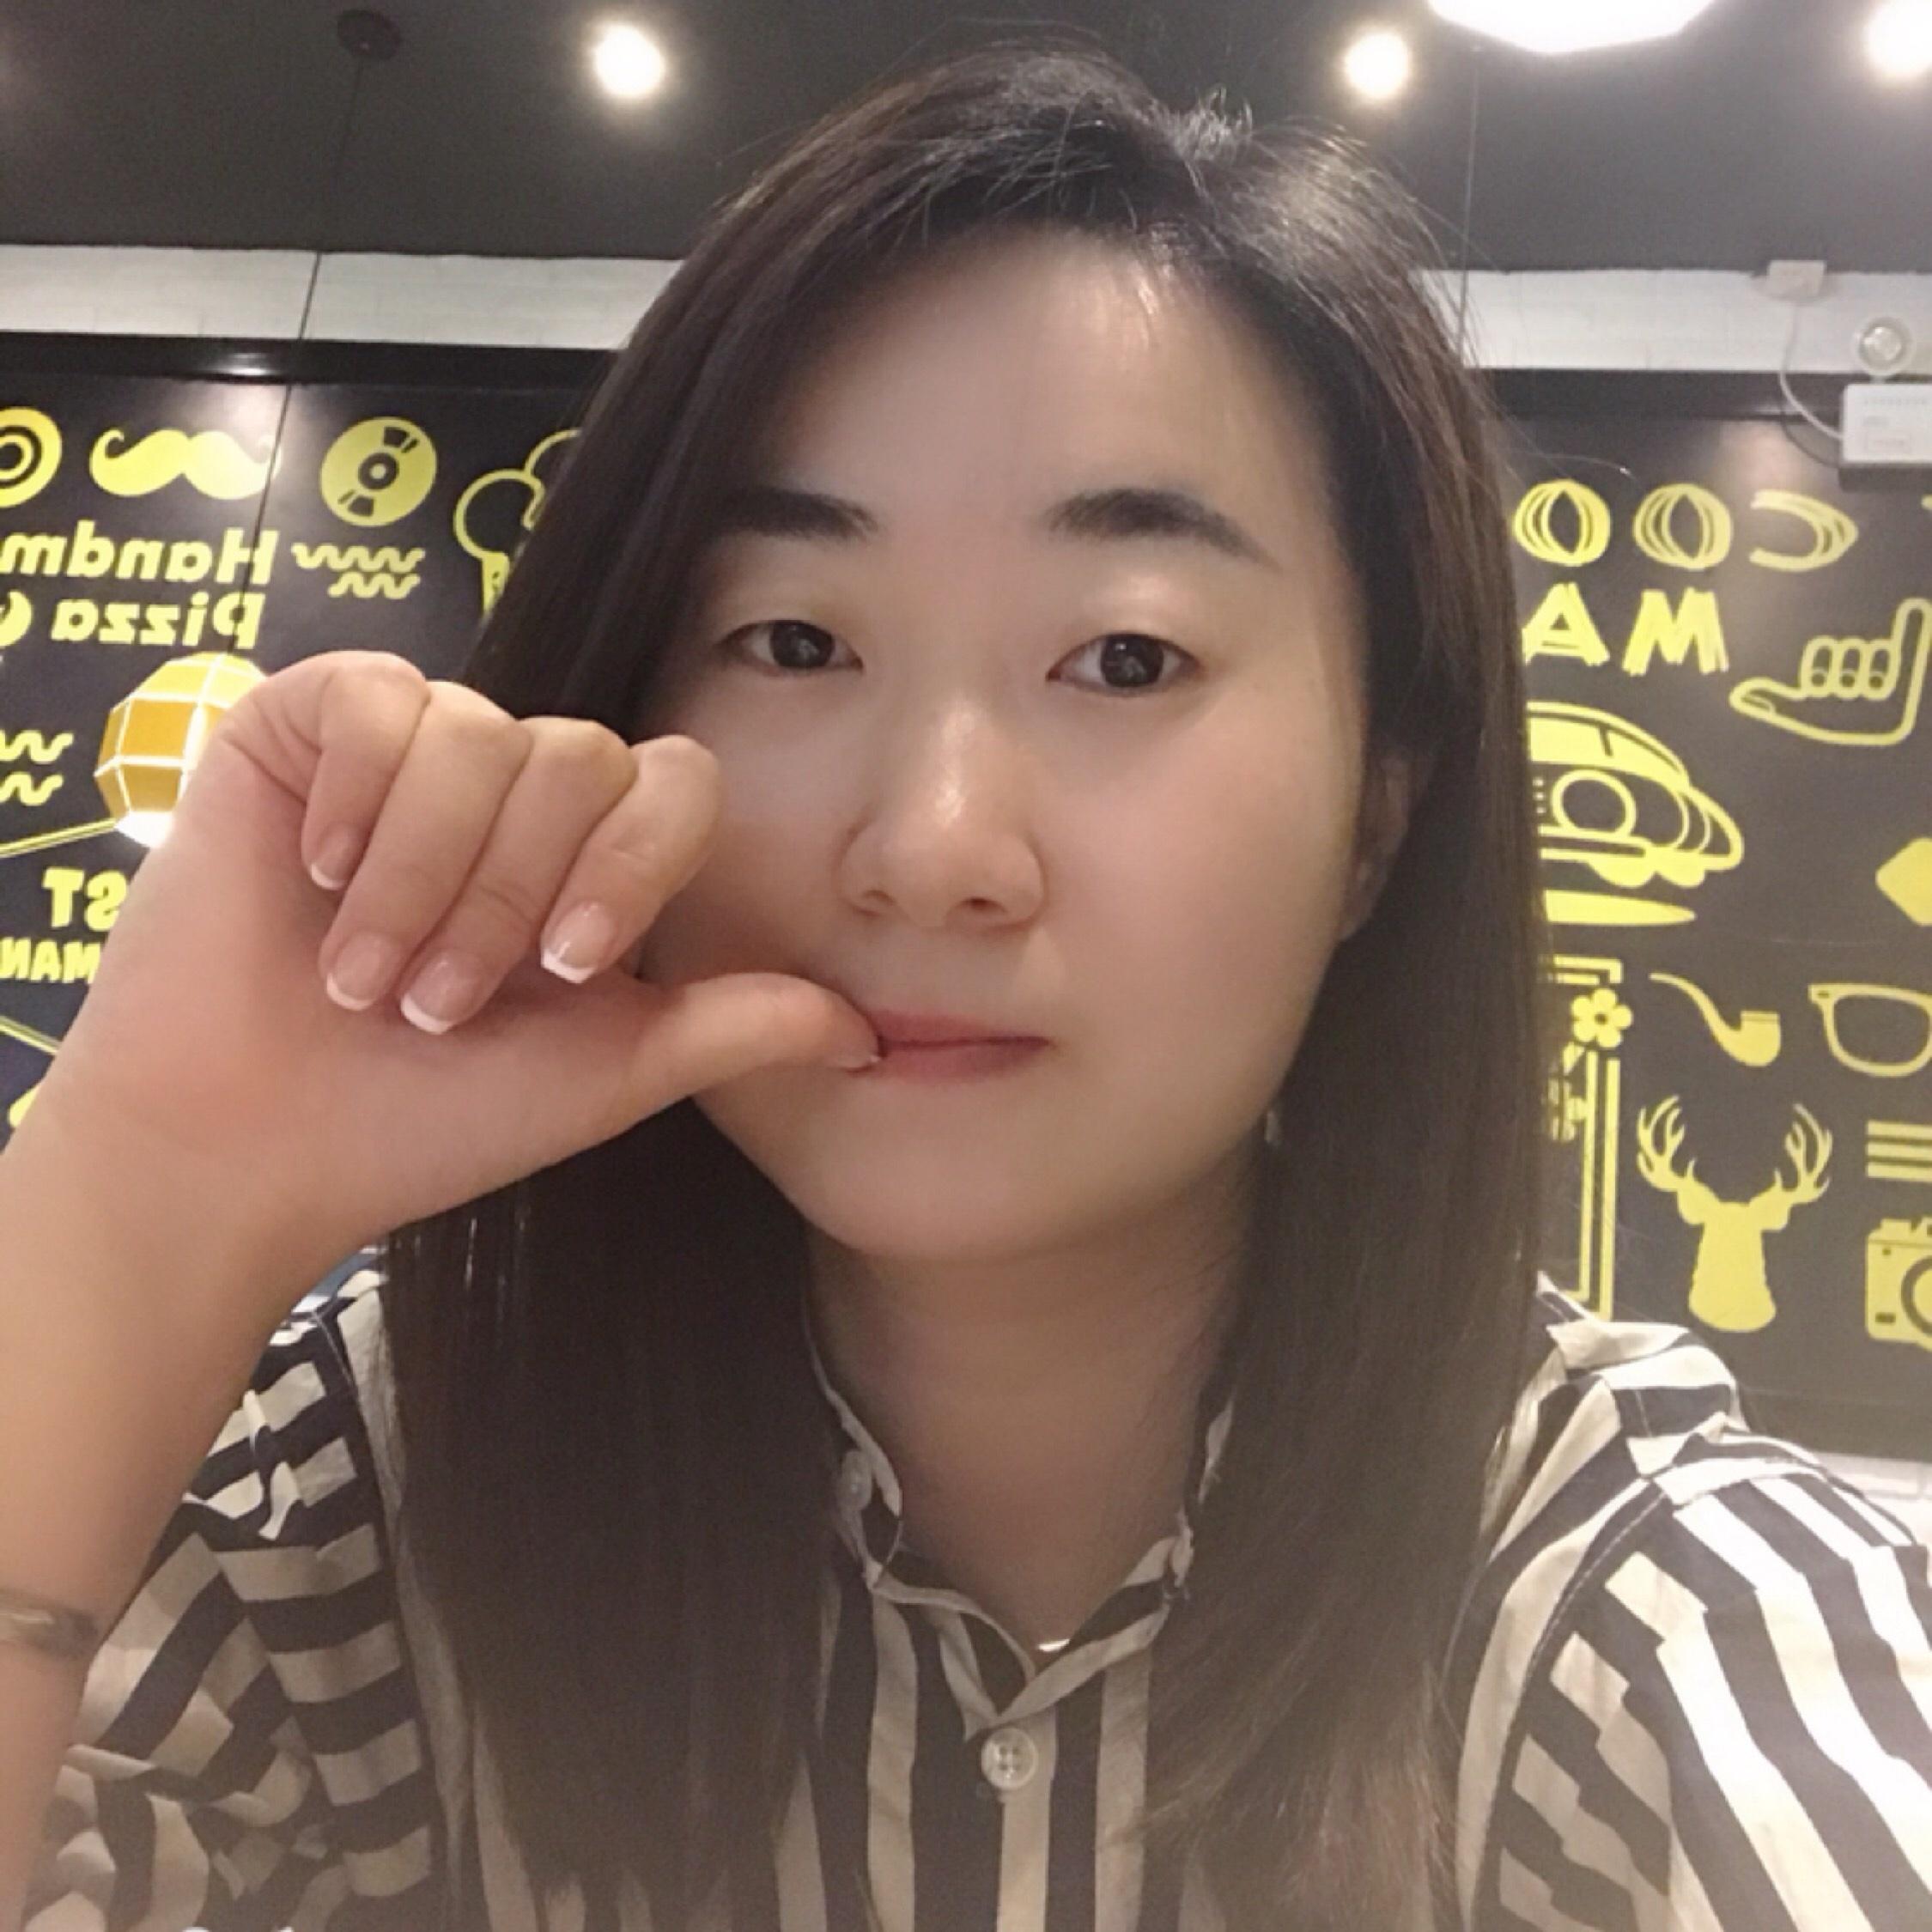 yuyuyu